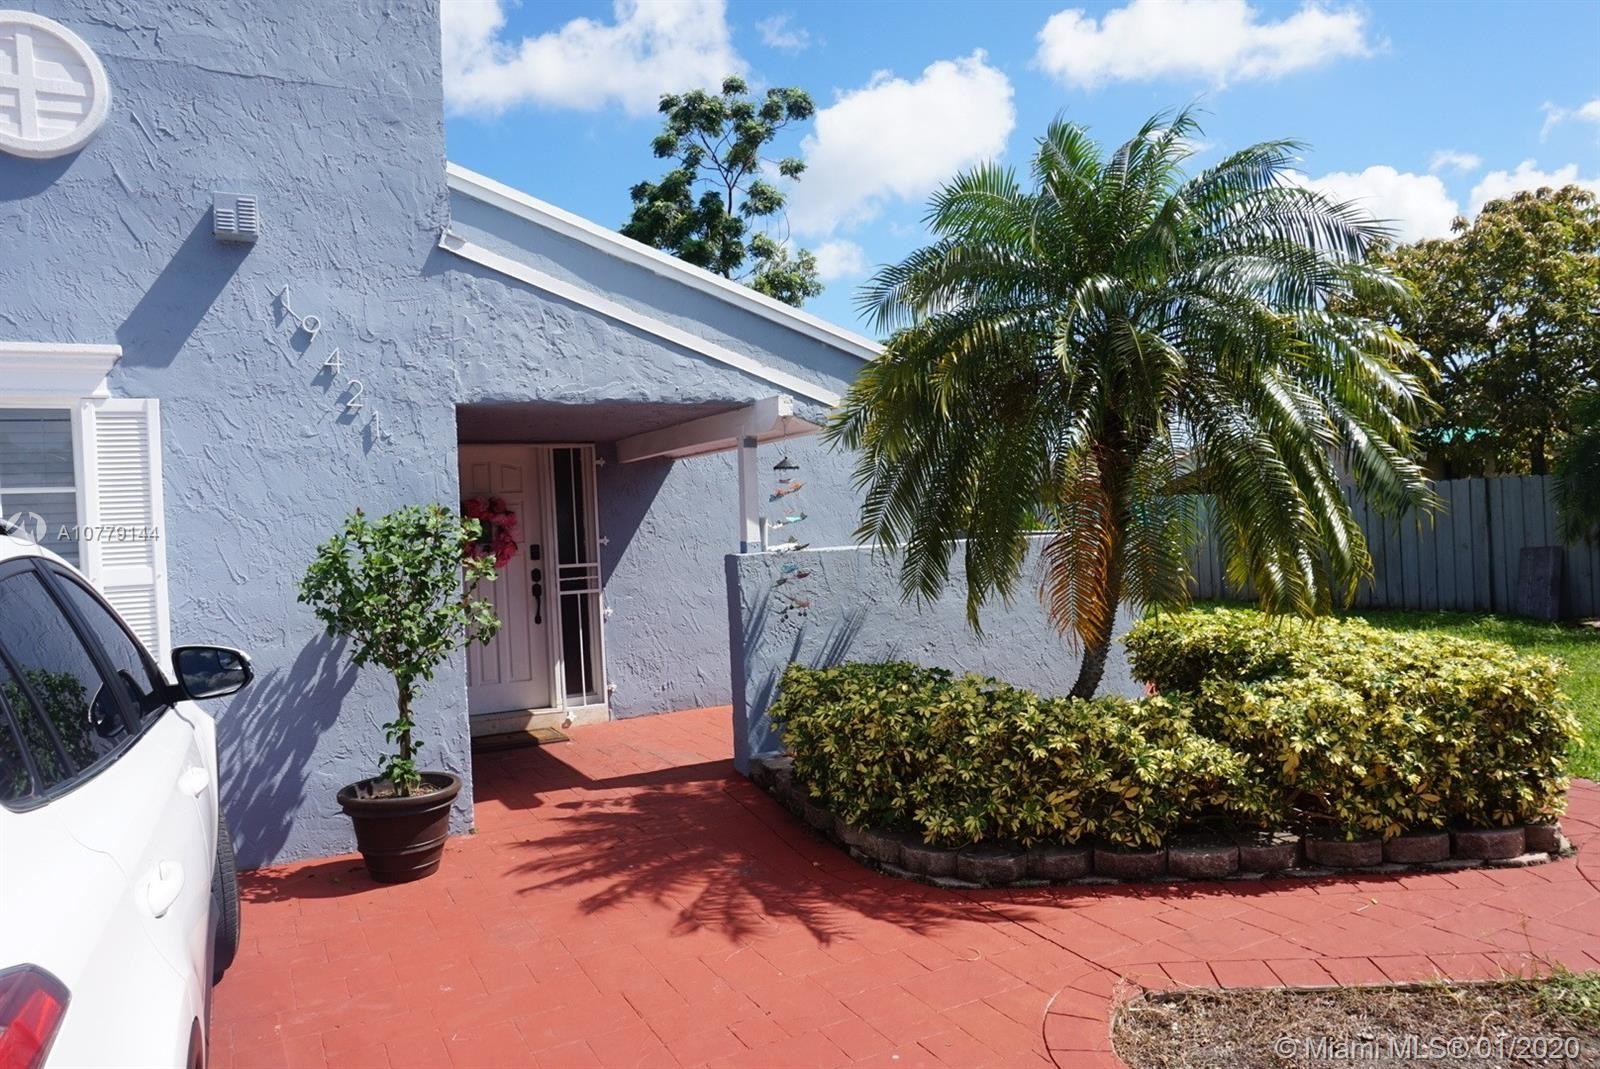 19421 SW 118th Ct, Miami, FL 33177 - #: A10779144